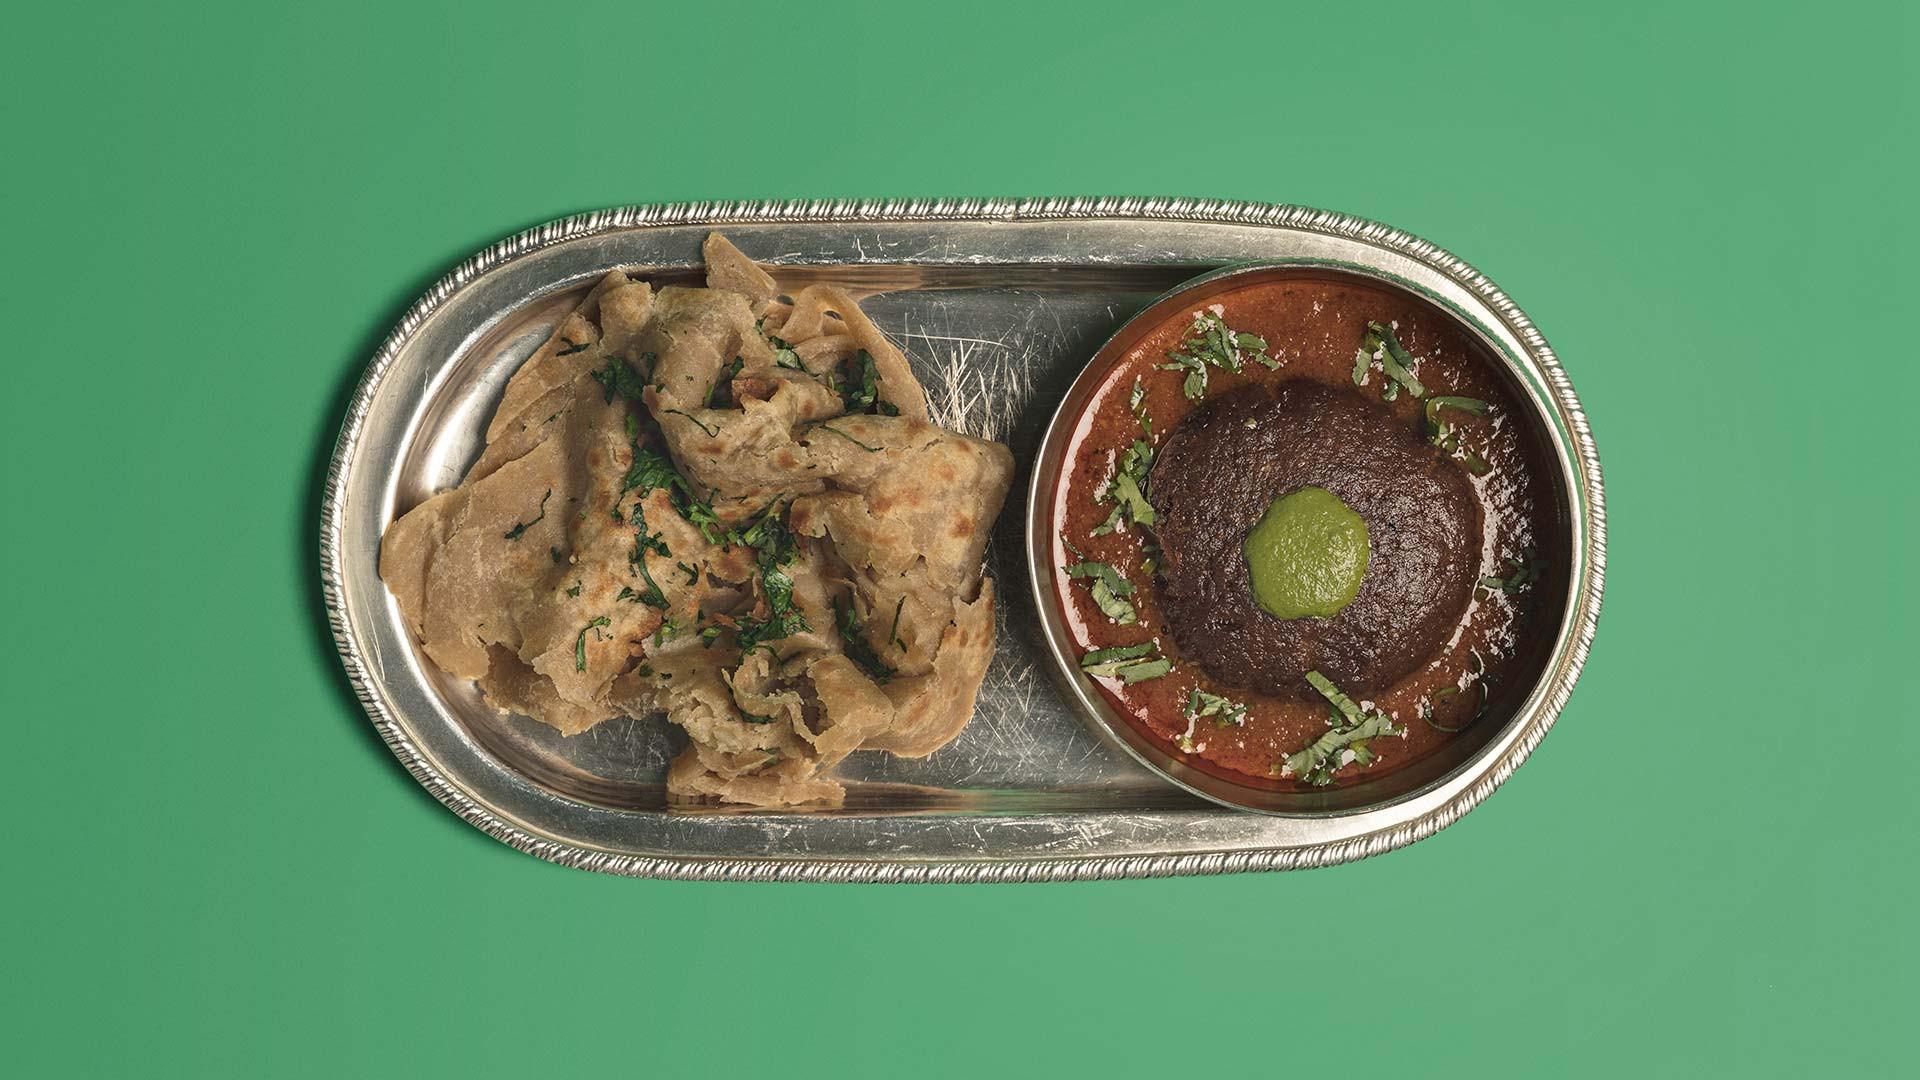 Shami kebab with chur chur paratha from Jamavar